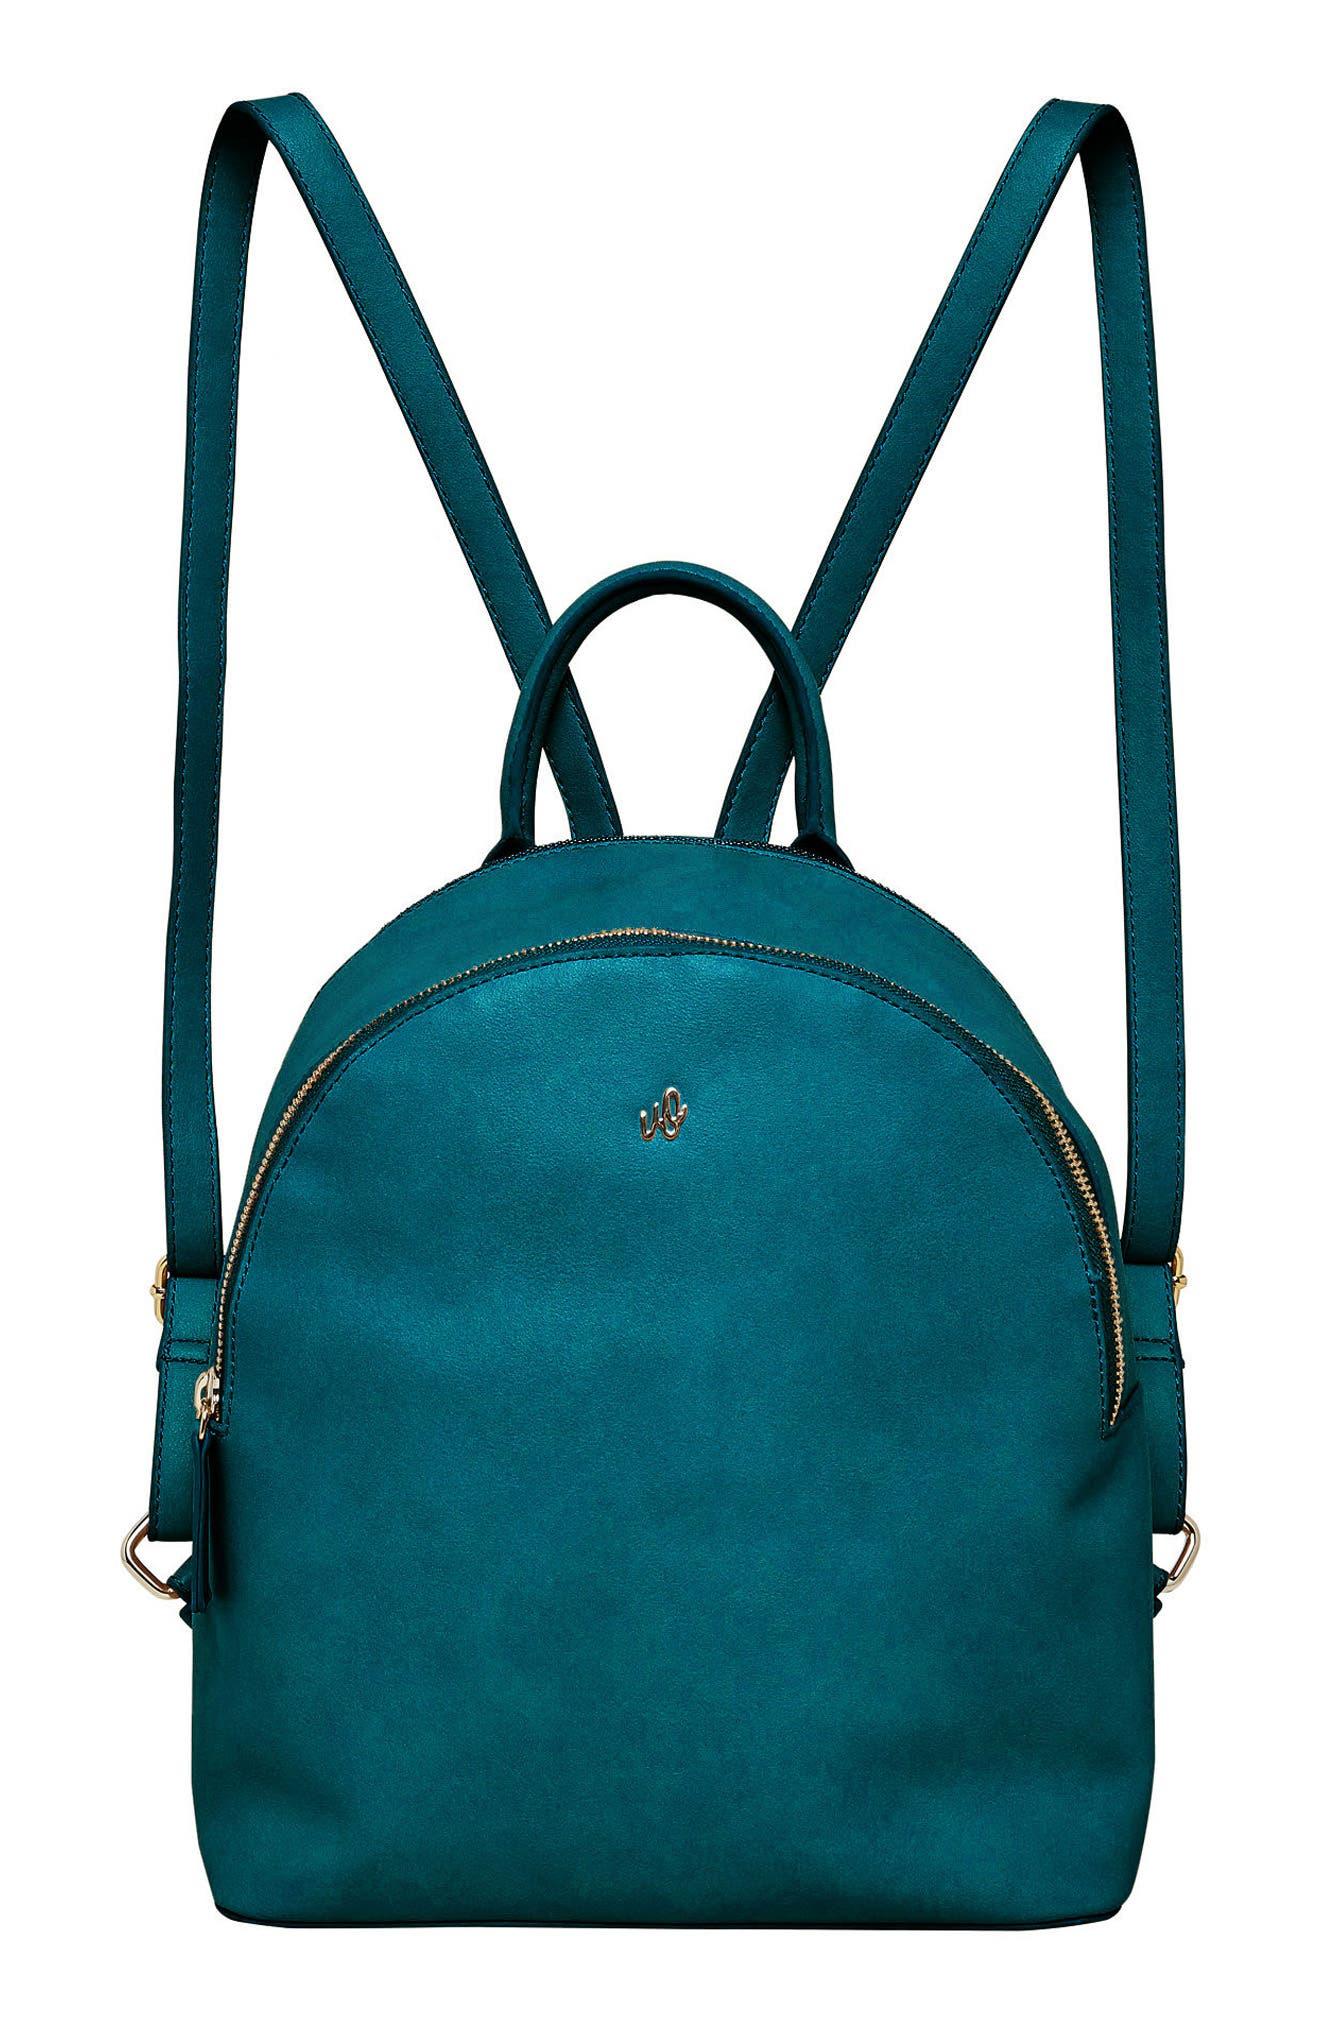 Alternate Image 1 Selected - Urban Originals Magic Vegan Leather Backpack